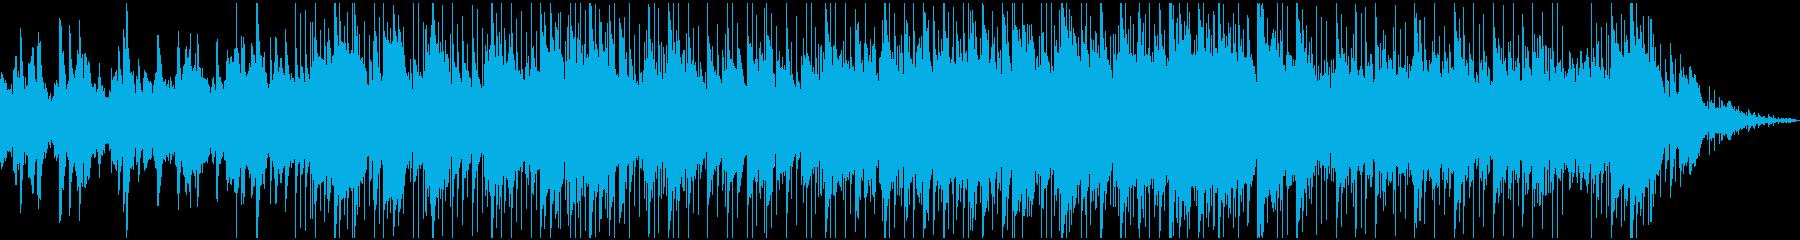 癒し:ほのぼの柔らか温かいの再生済みの波形